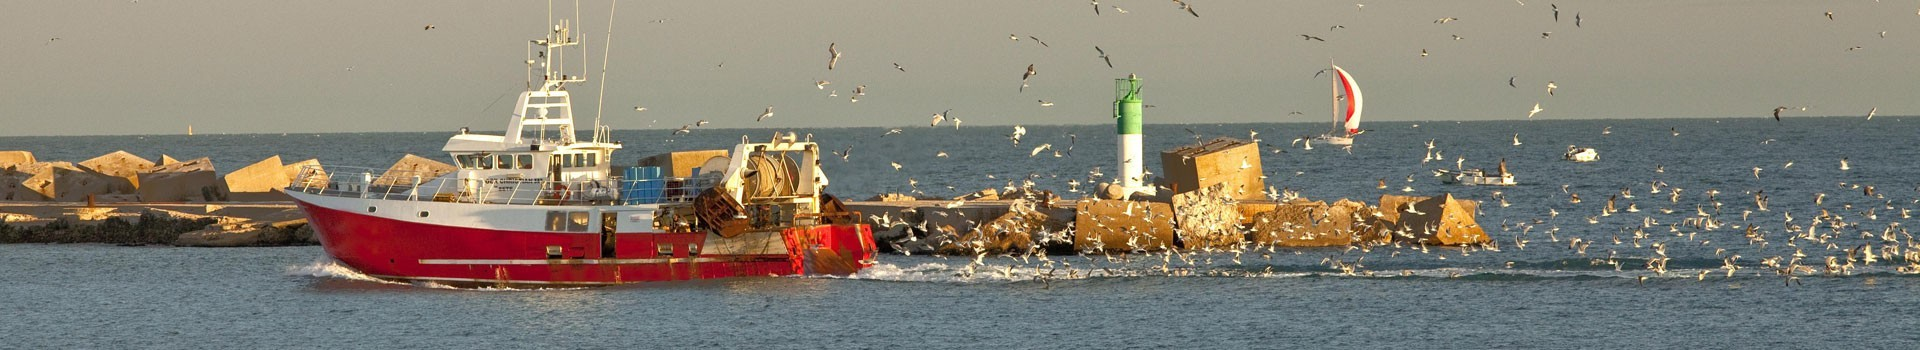 chalutier port de pêche de Sète